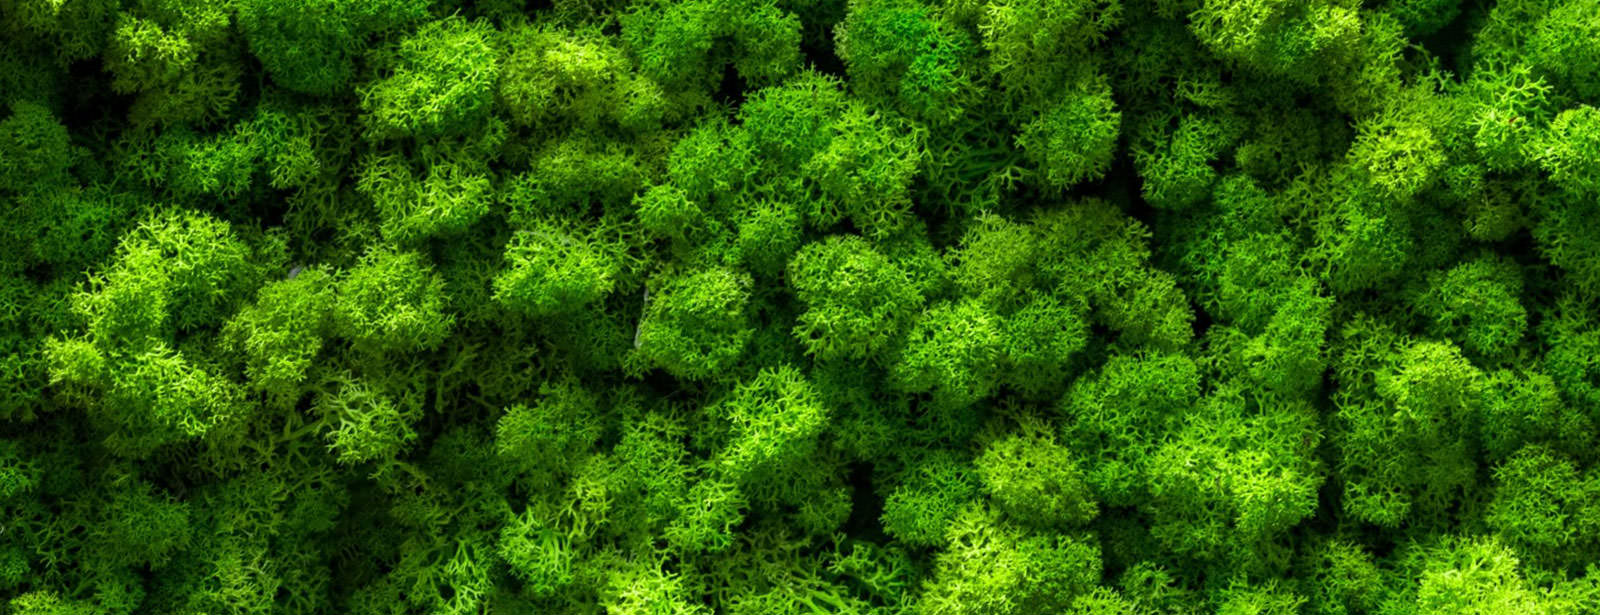 Un zoom sur un mur végétalisé